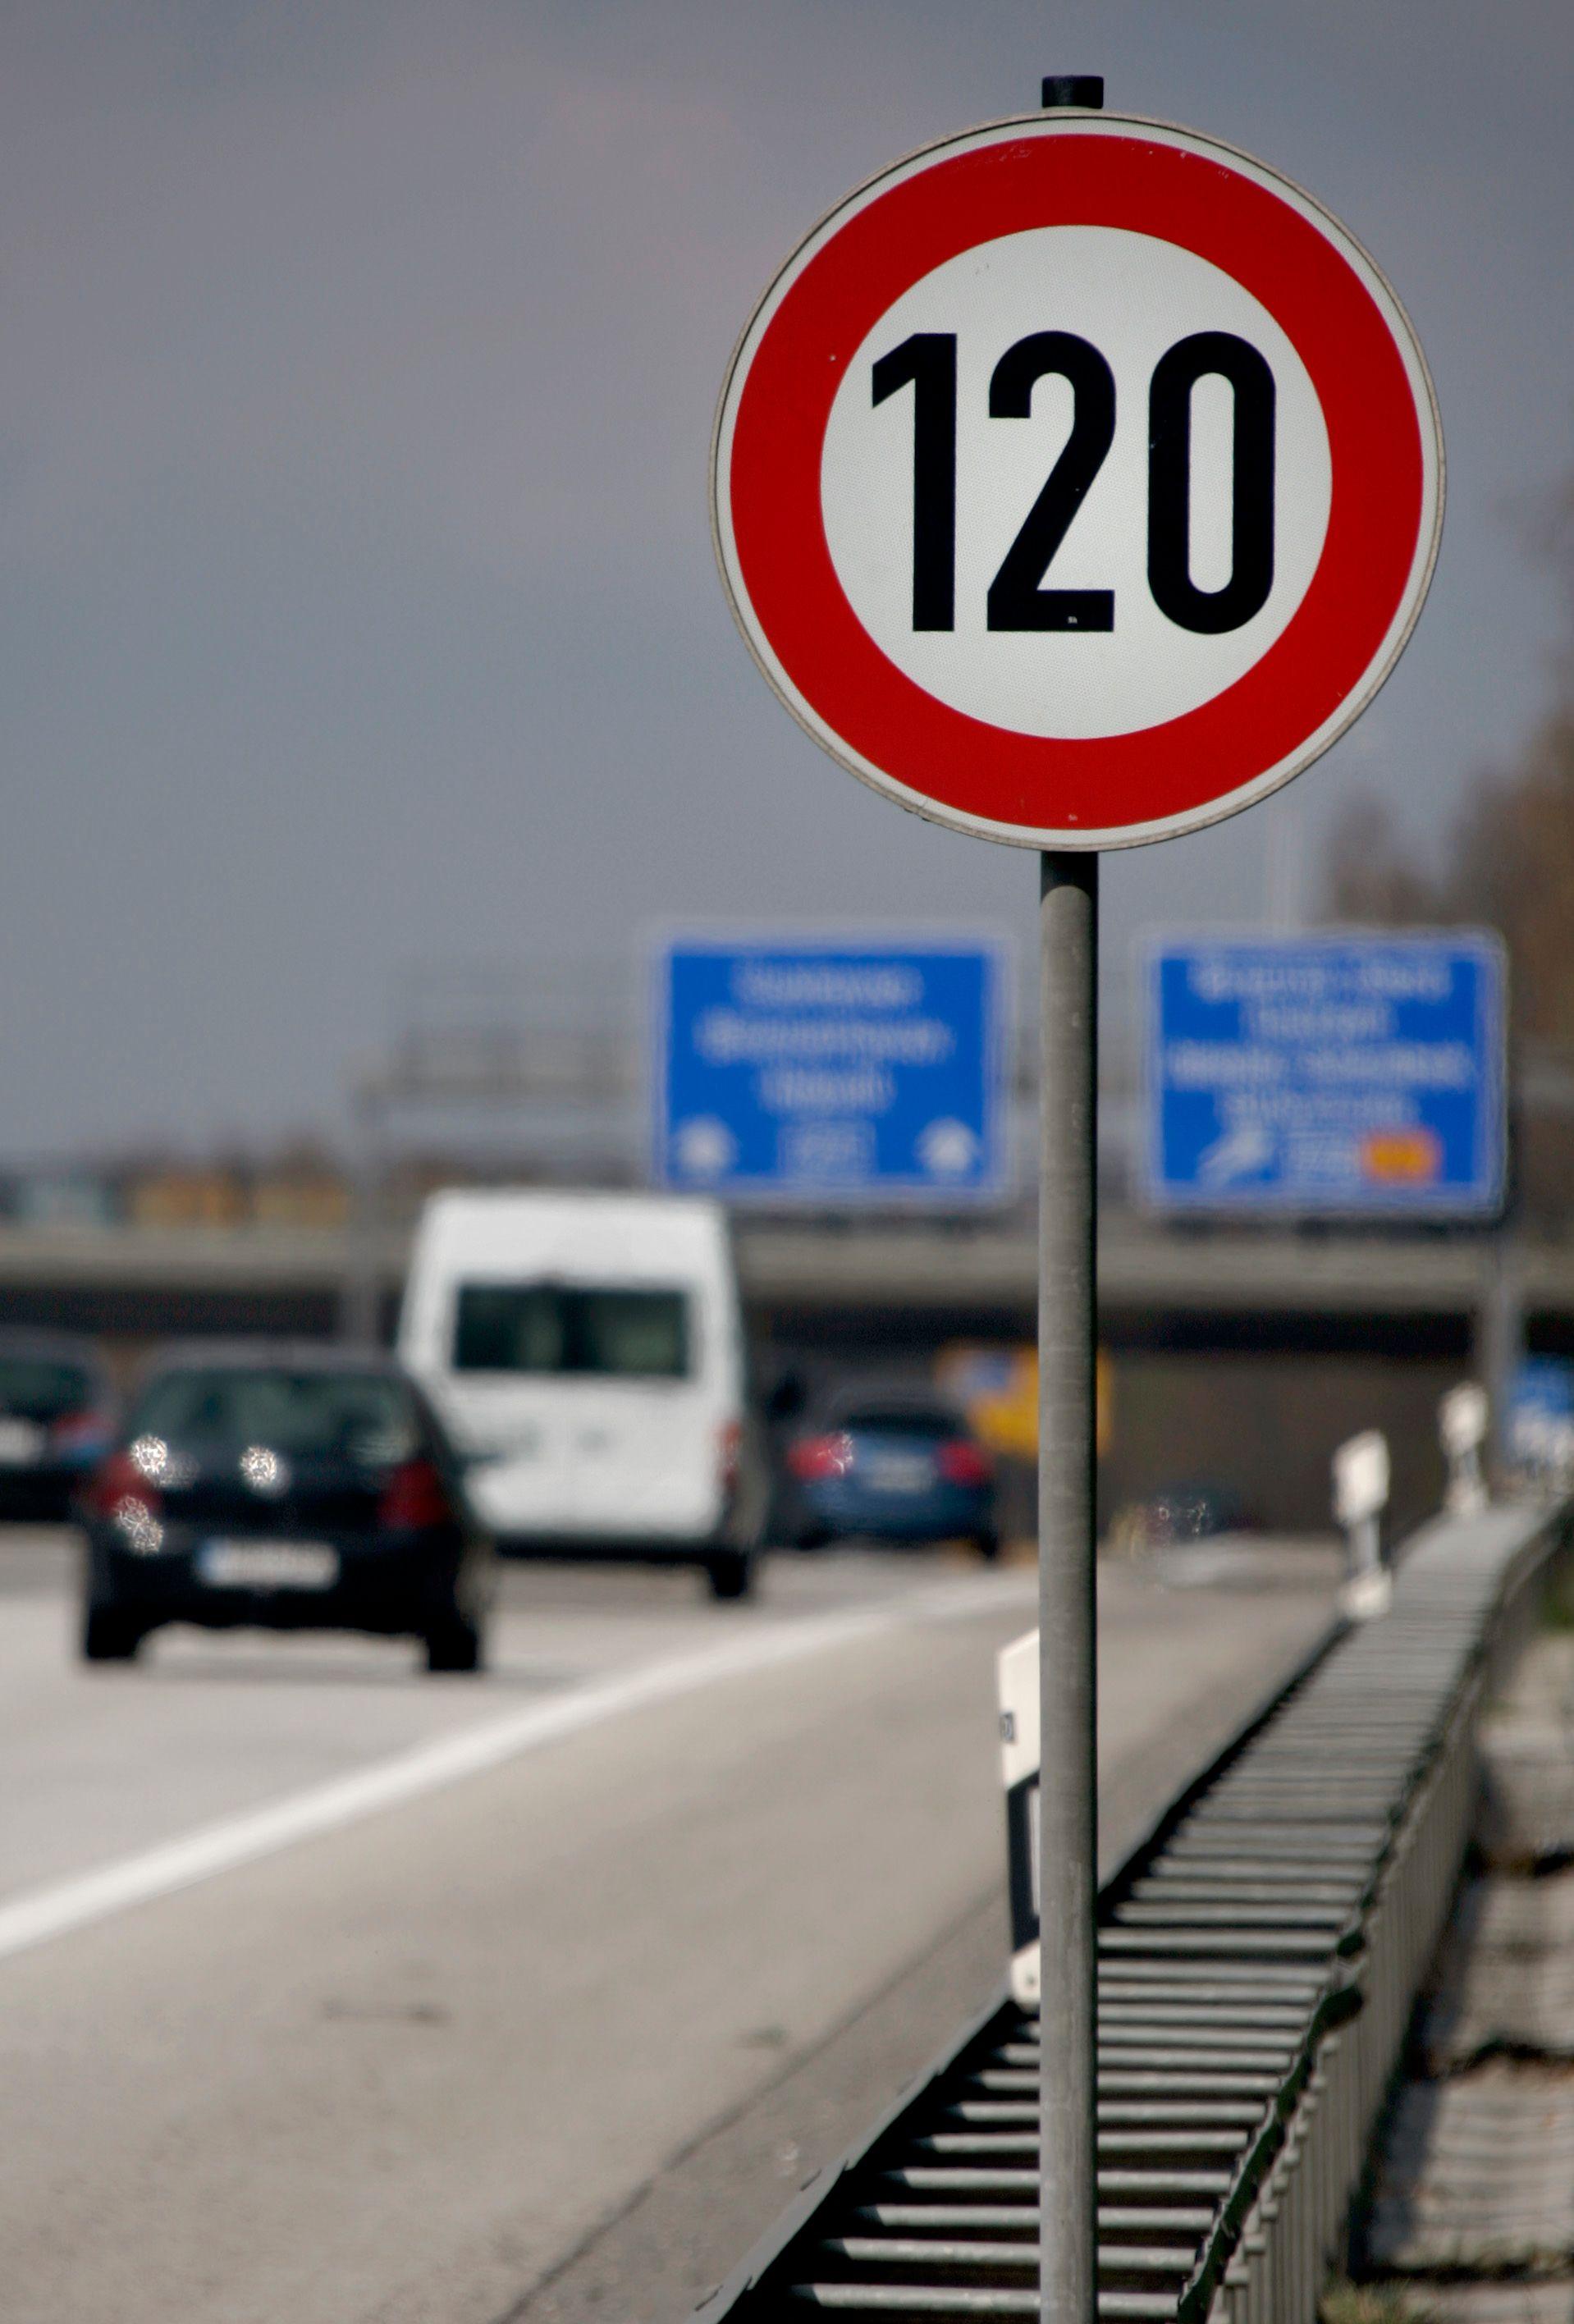 Sécurité routière : forte hausse du nombre de tués sur les routes en juin